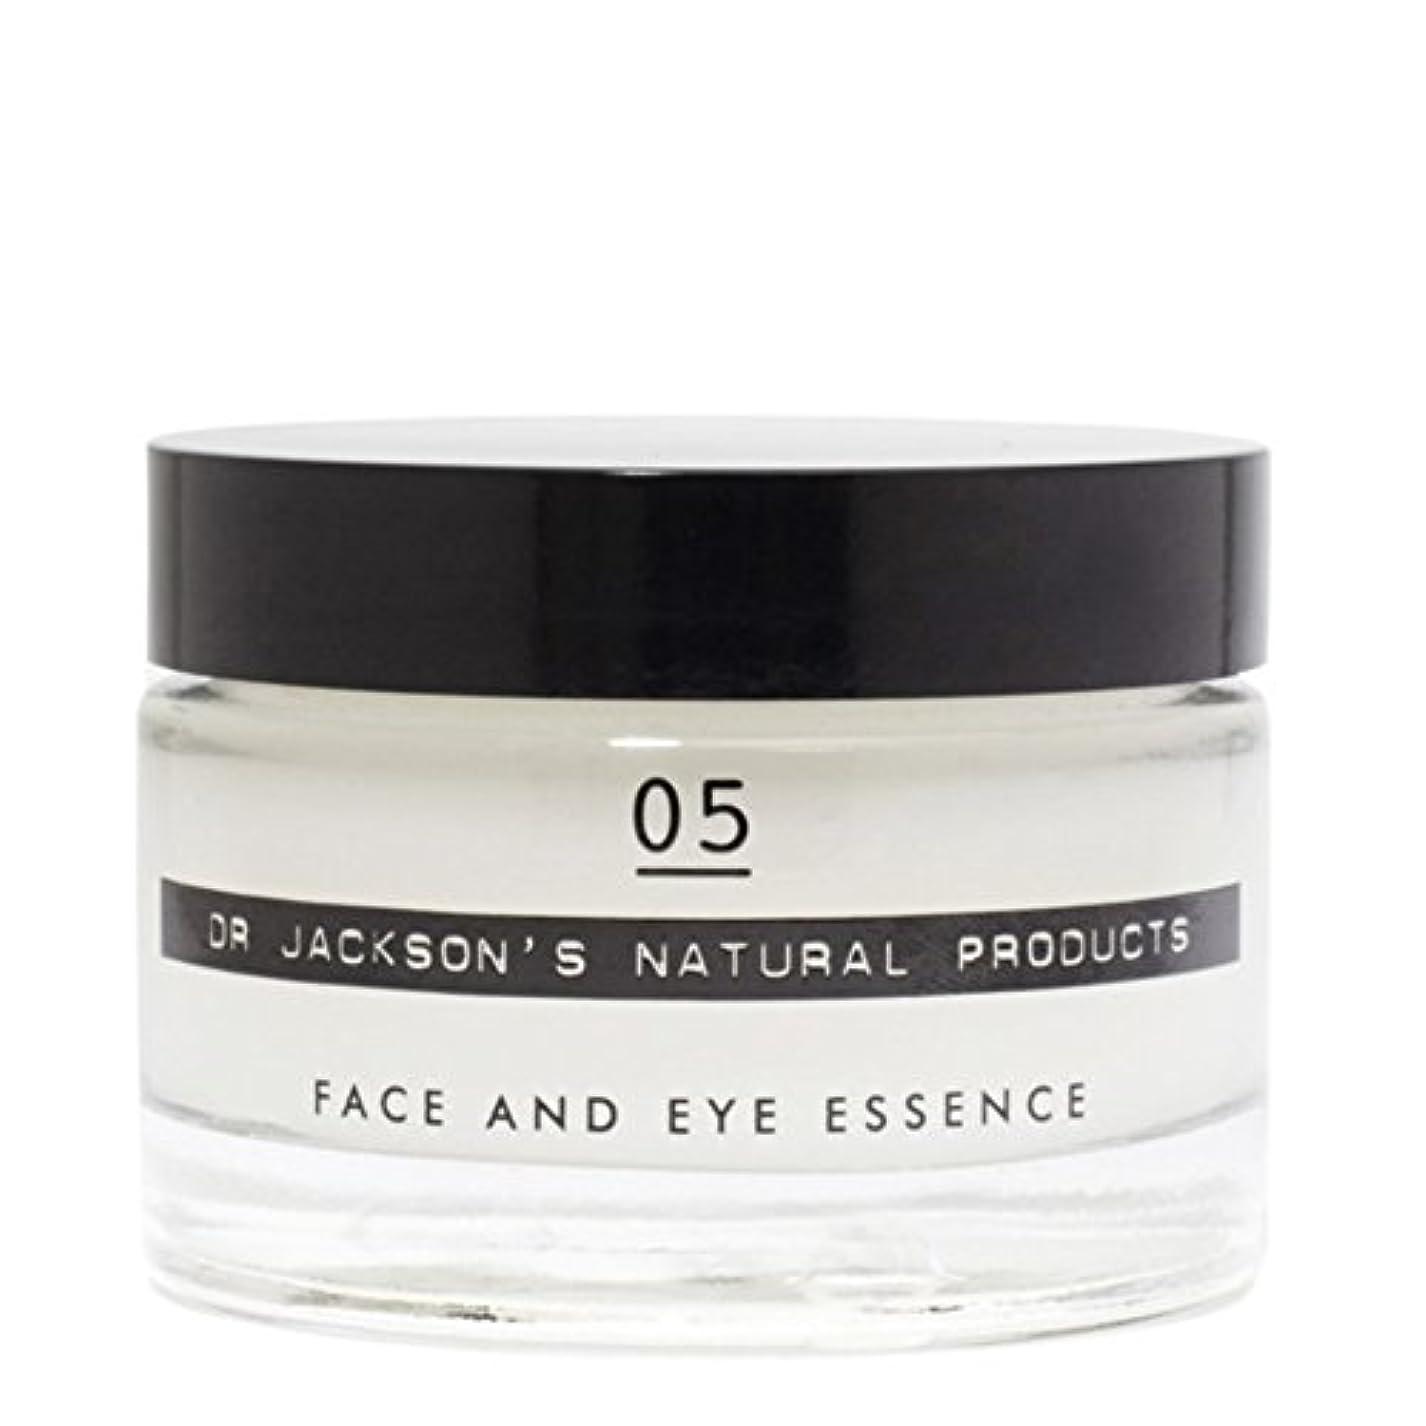 ファシズム者現代のDr Jackson's 05 Face and Eye Essence 50ml - ジャクソンの05顔や目の本質50ミリリットル [並行輸入品]